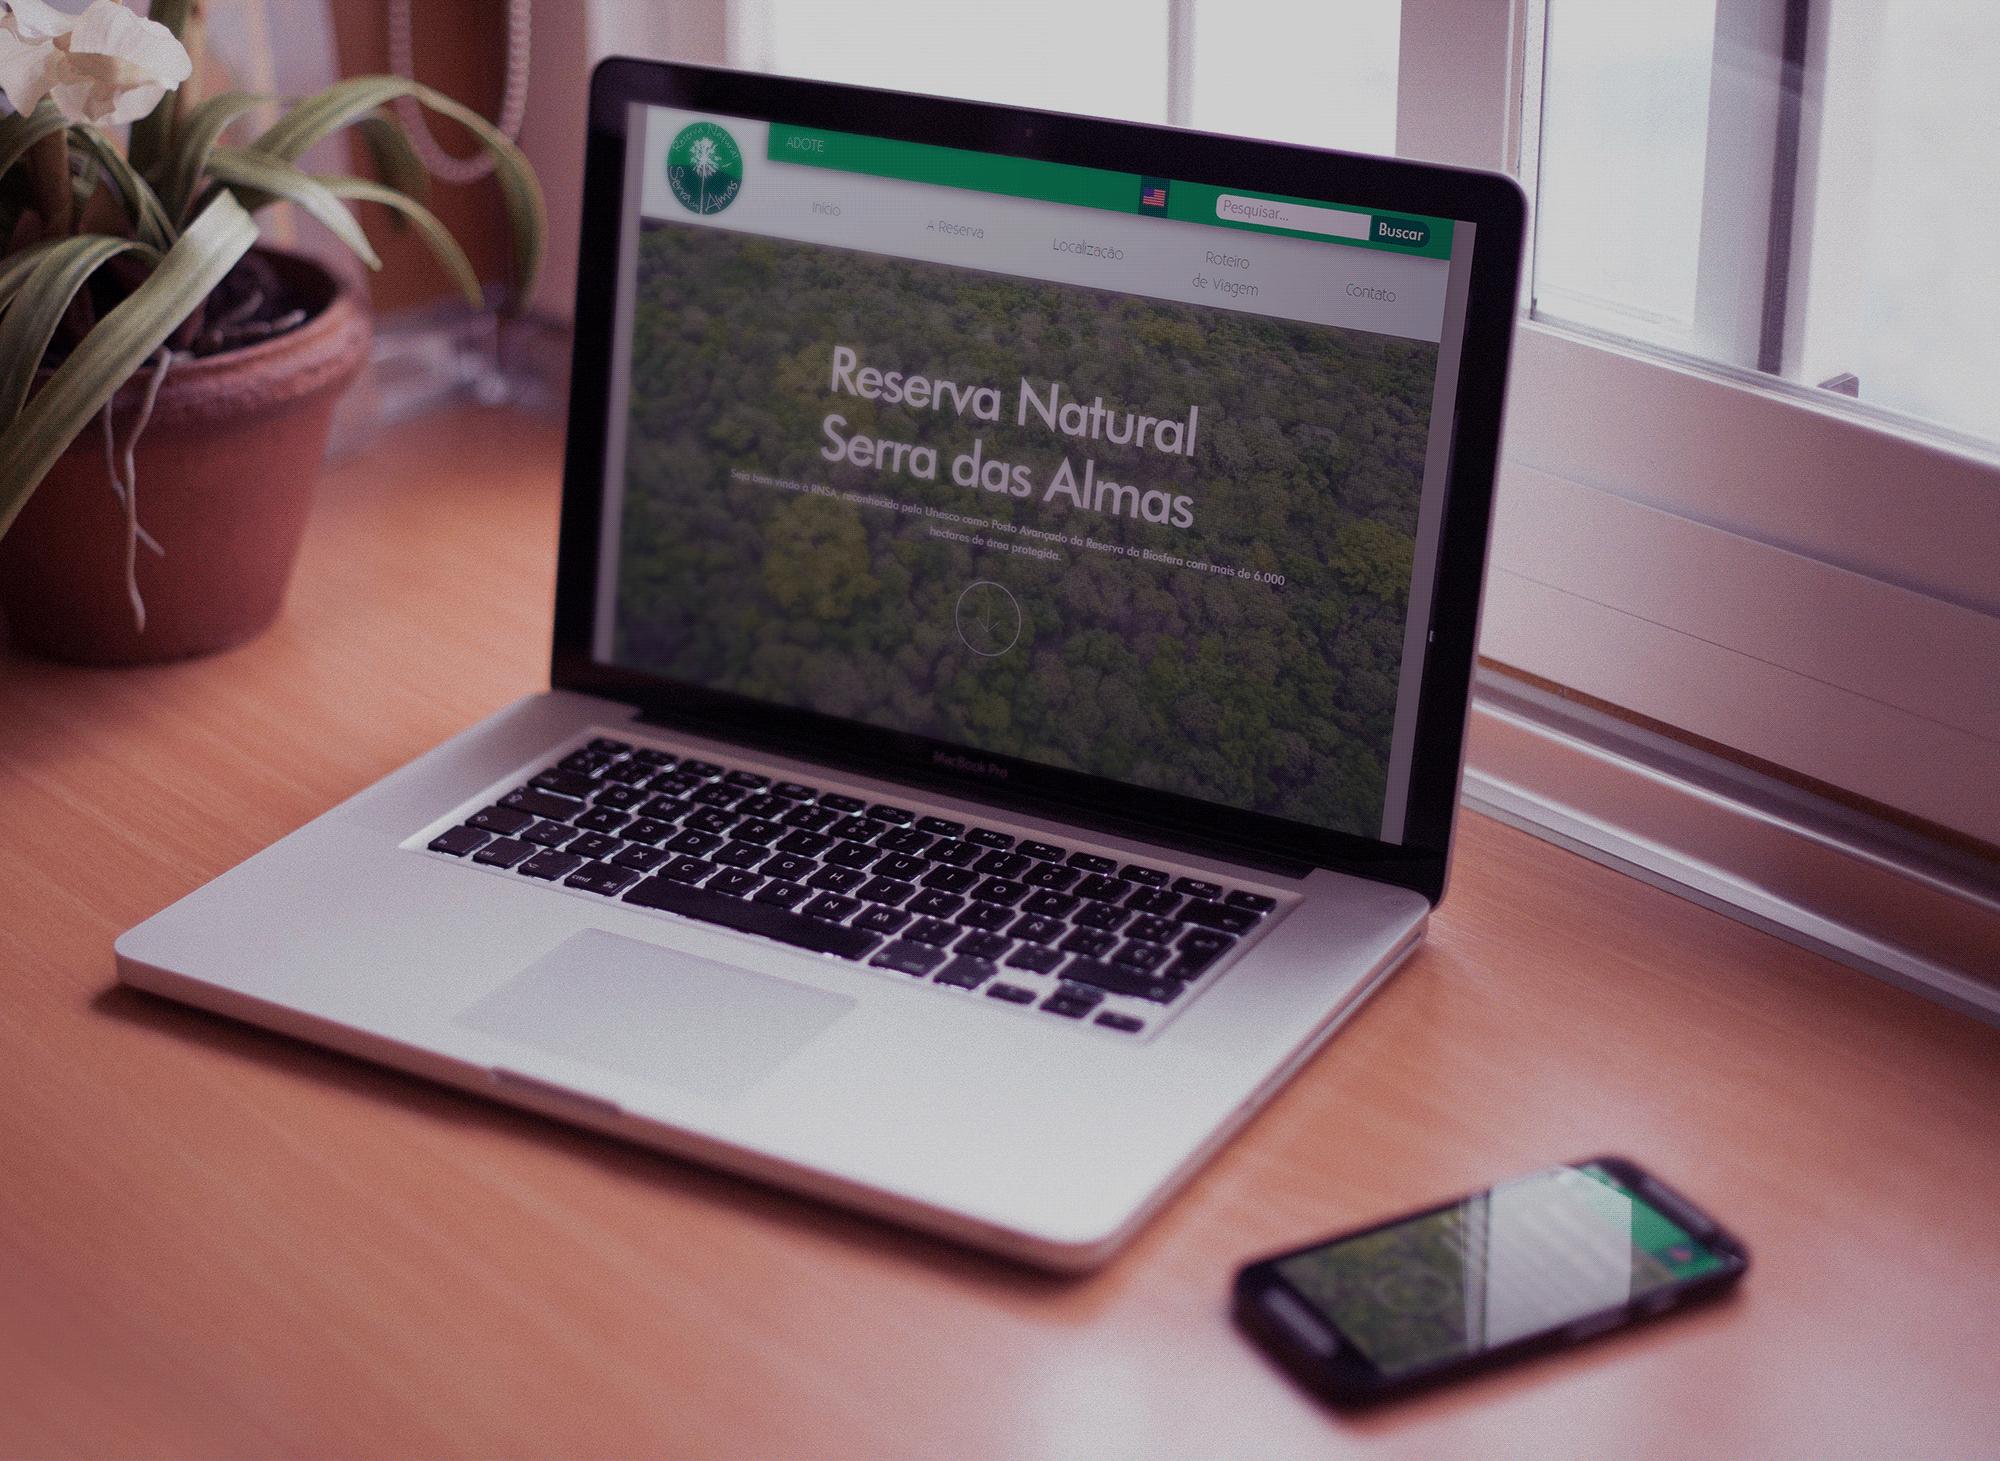 site-reserva-natural-serra-das-almas-rnsa-portfolio-criacao-sites-agencia-diretriz-digital-marketing